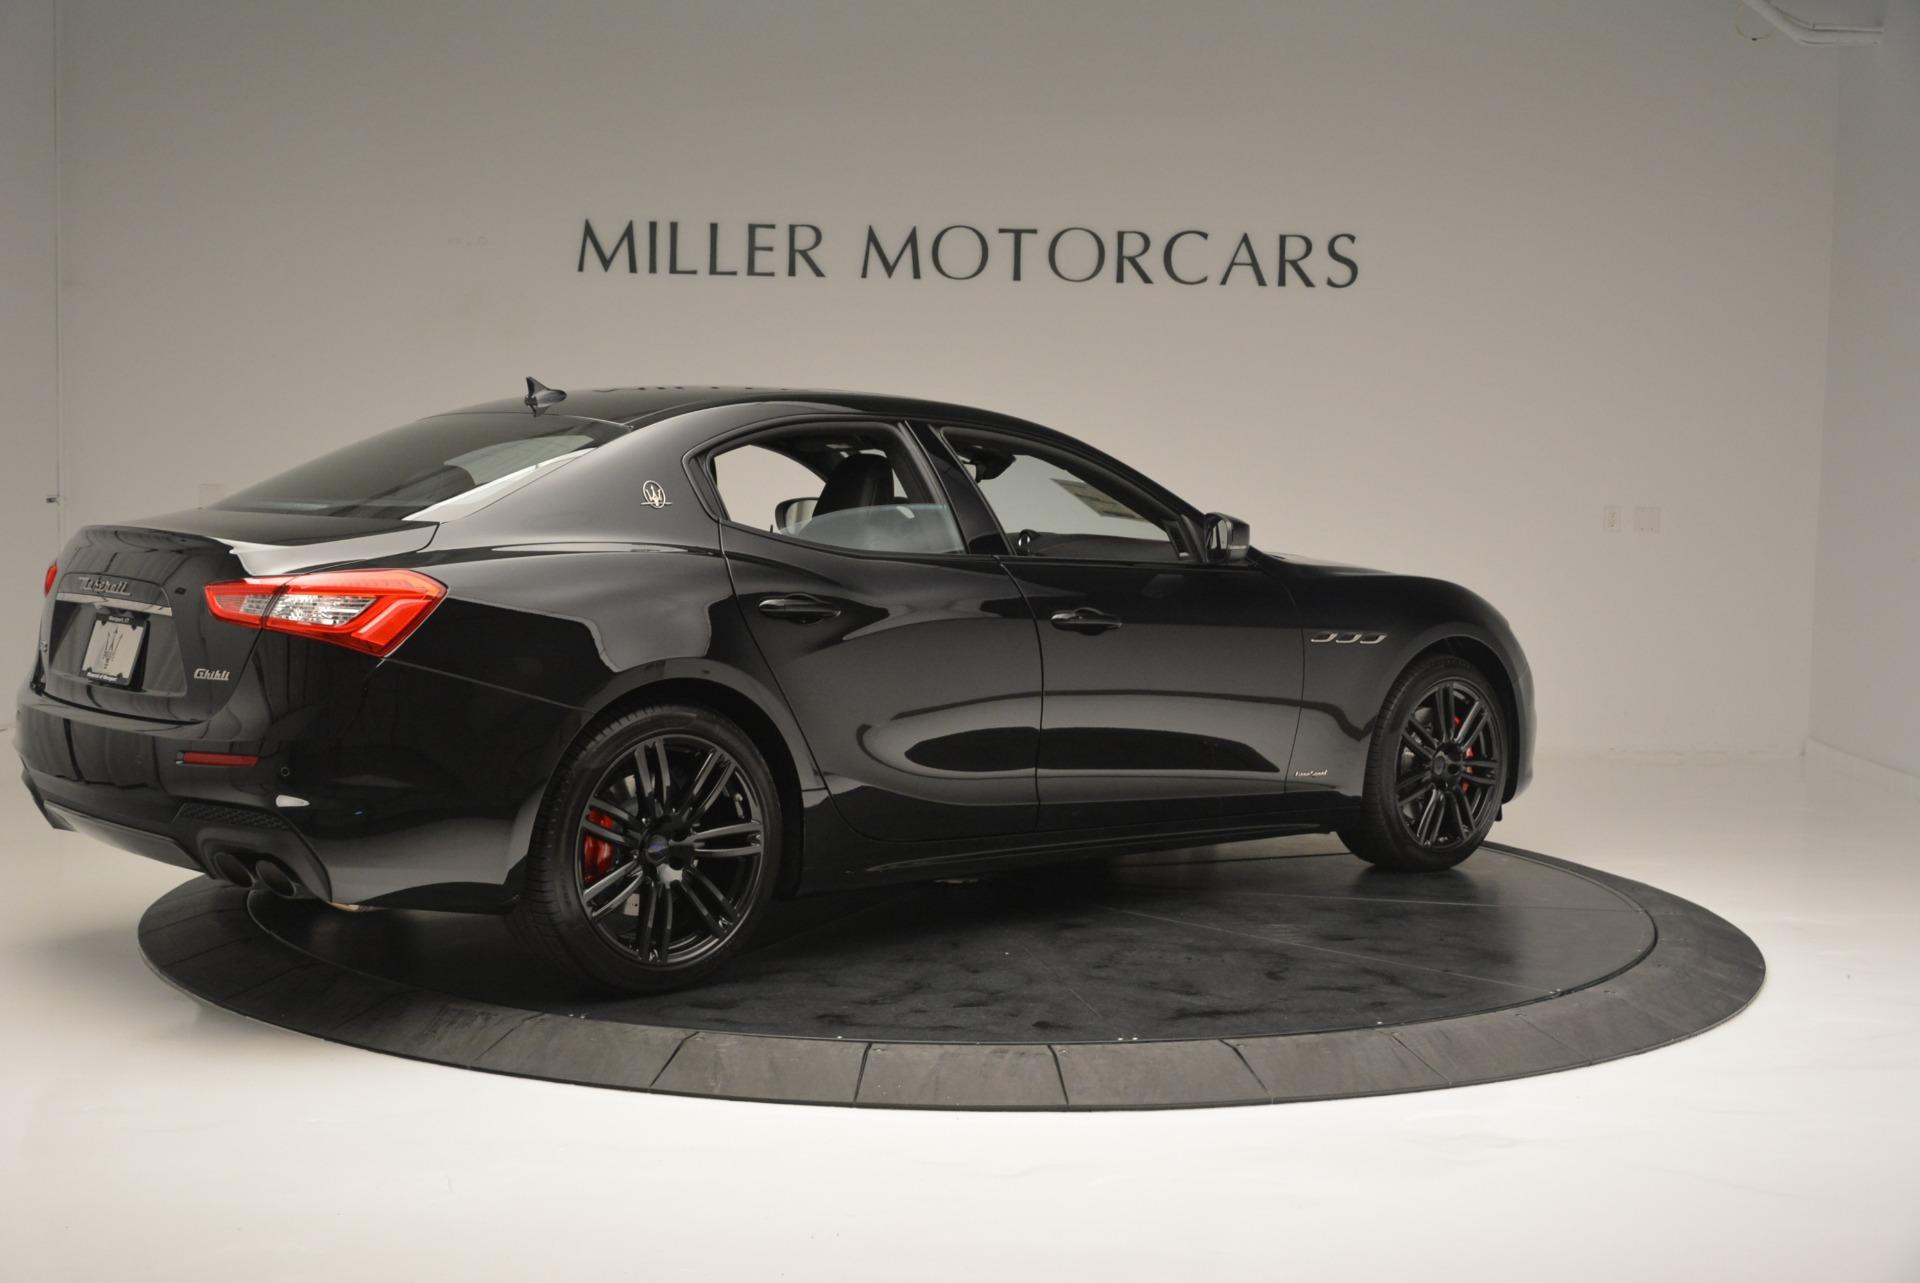 New 2018 Maserati Ghibli SQ4 GranSport Nerissimo For Sale In Greenwich, CT. Alfa Romeo of Greenwich, M2171 2366_p8